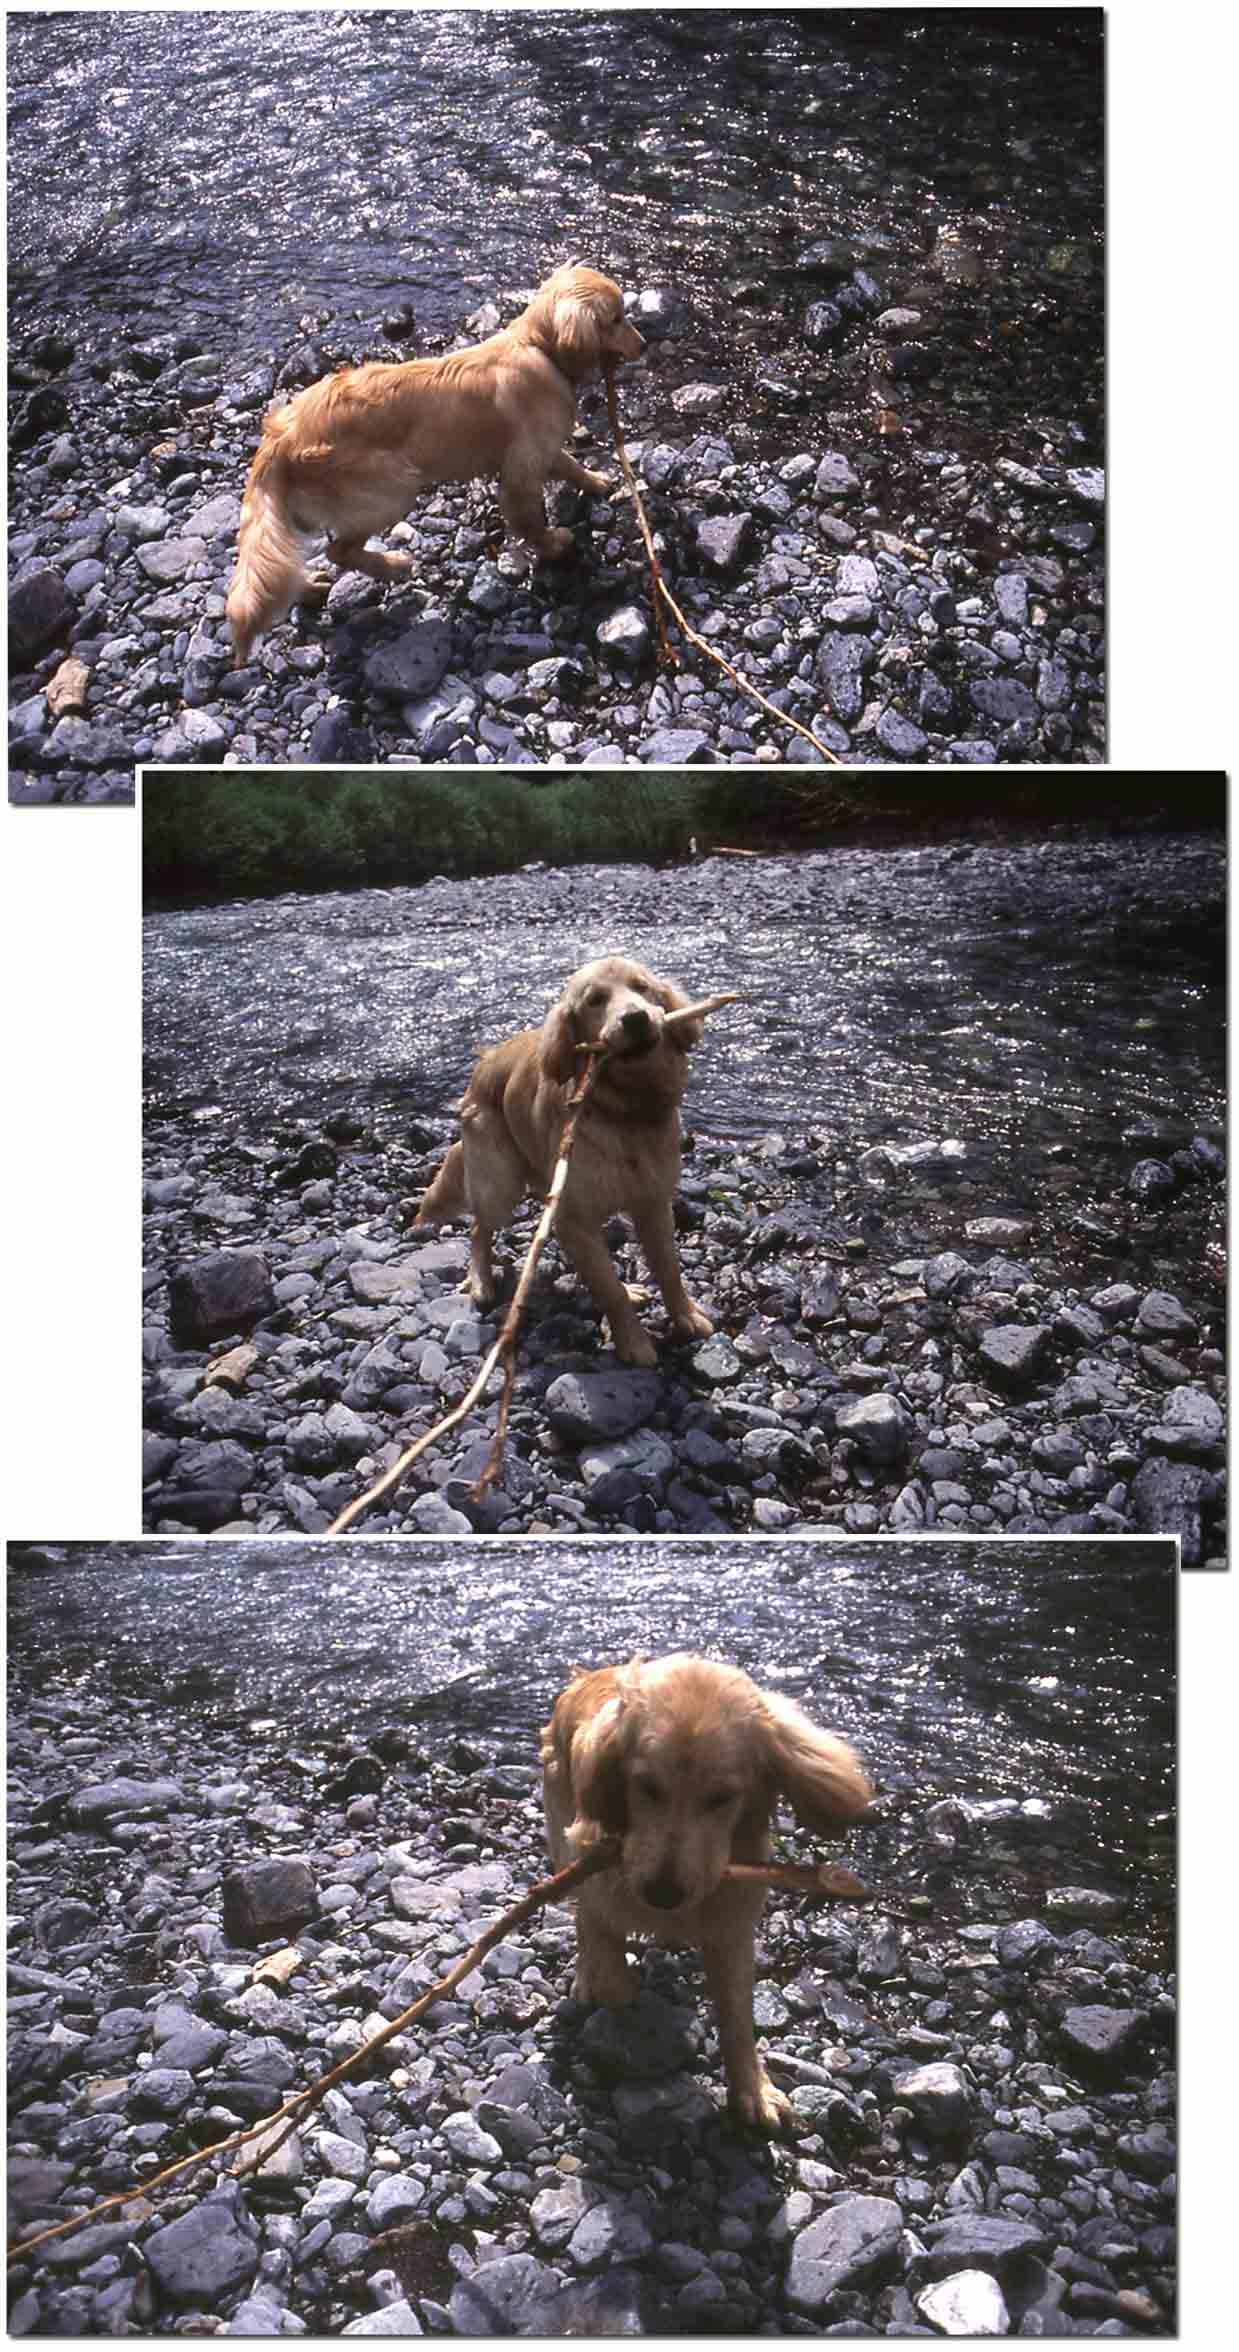 2003年7月の三峰川 NW(3)~(5) 圧縮